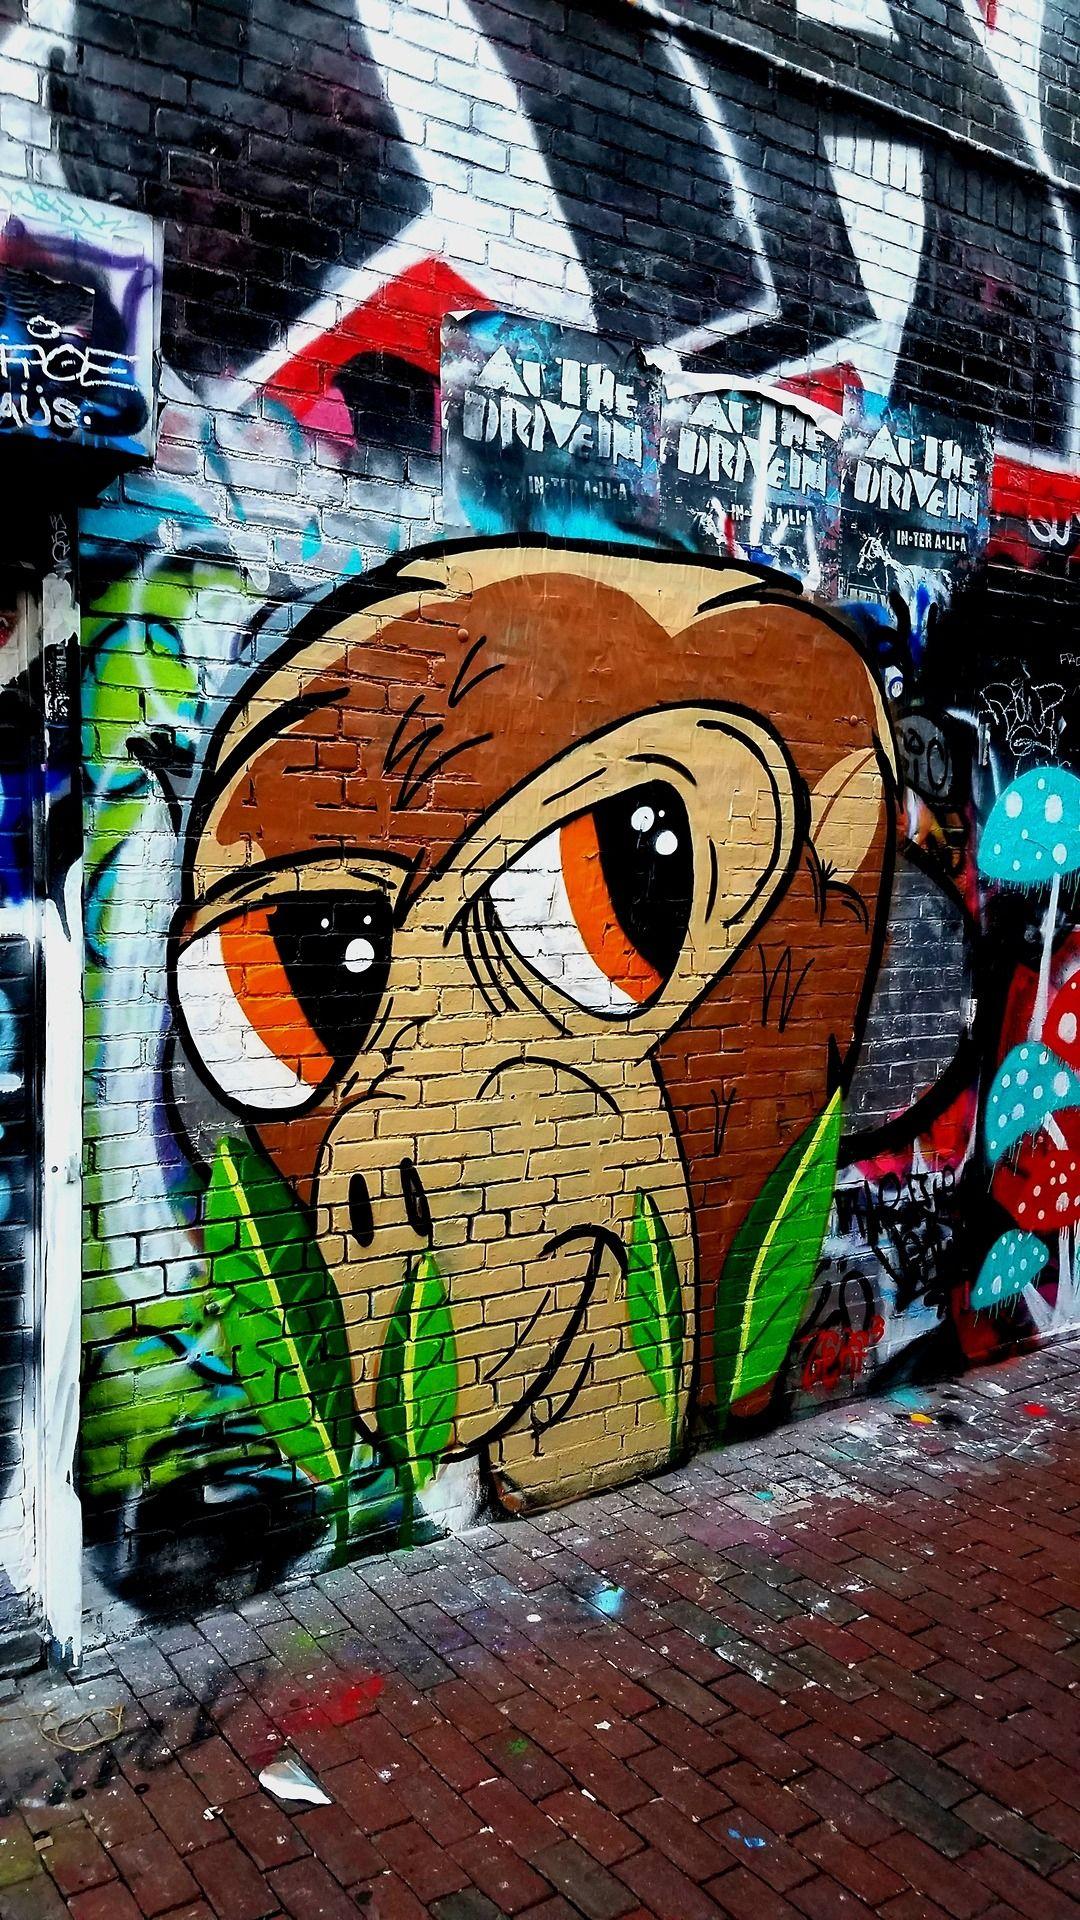 Graffiti wall cambridge ma - Graffiti Alley Cambridge Ma